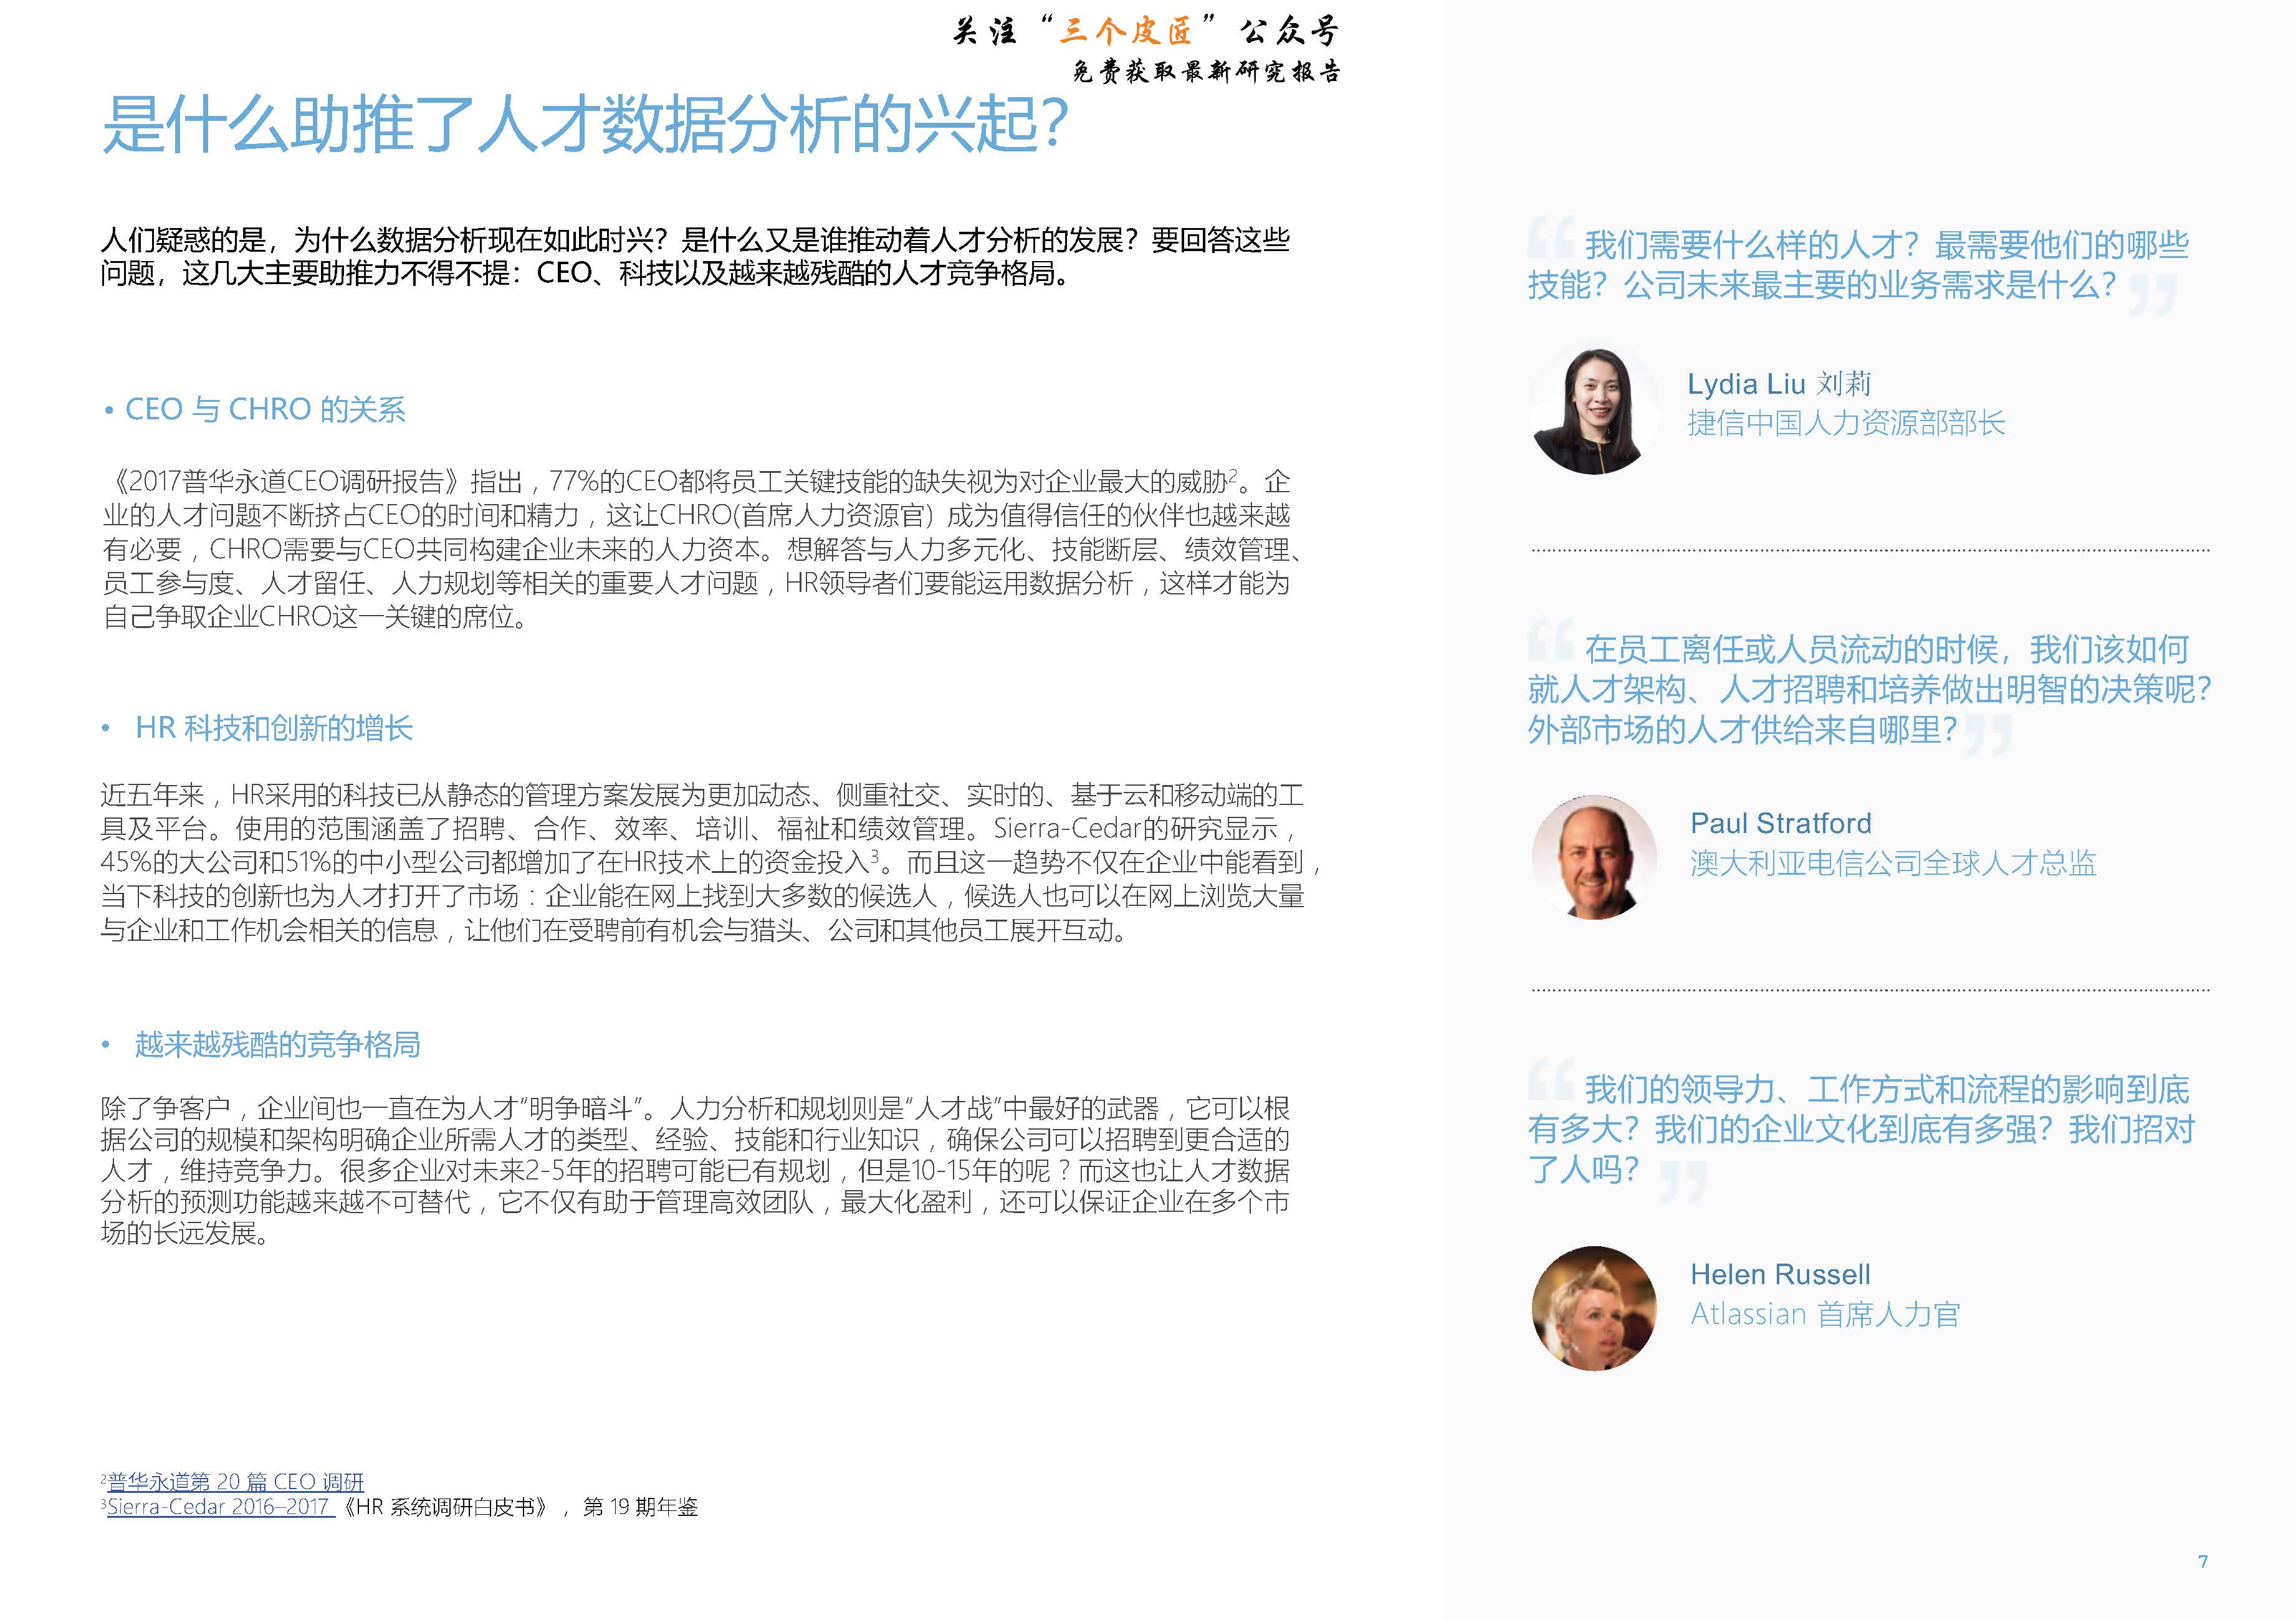 领英:2018人才管理数字化报告(37页)_Page_07.jpg